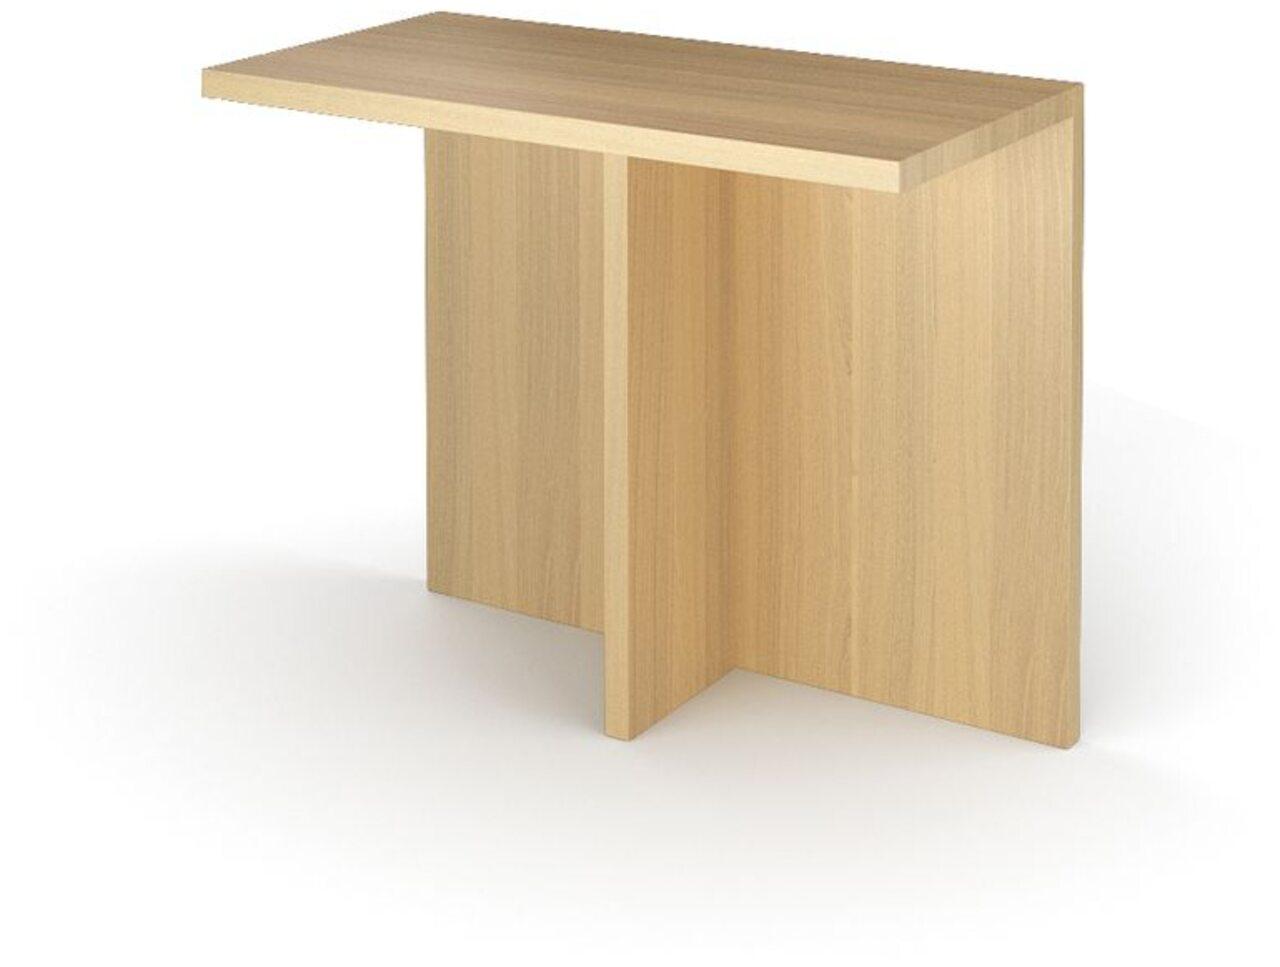 Окончание стола заседаний Акцент 135x90x75 - фото 5